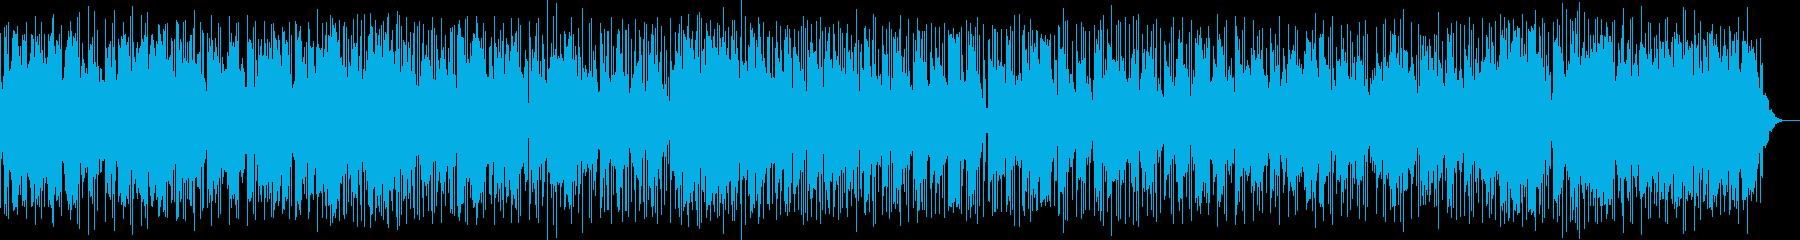 穏やかに優しく奏でるライト・ロックの再生済みの波形